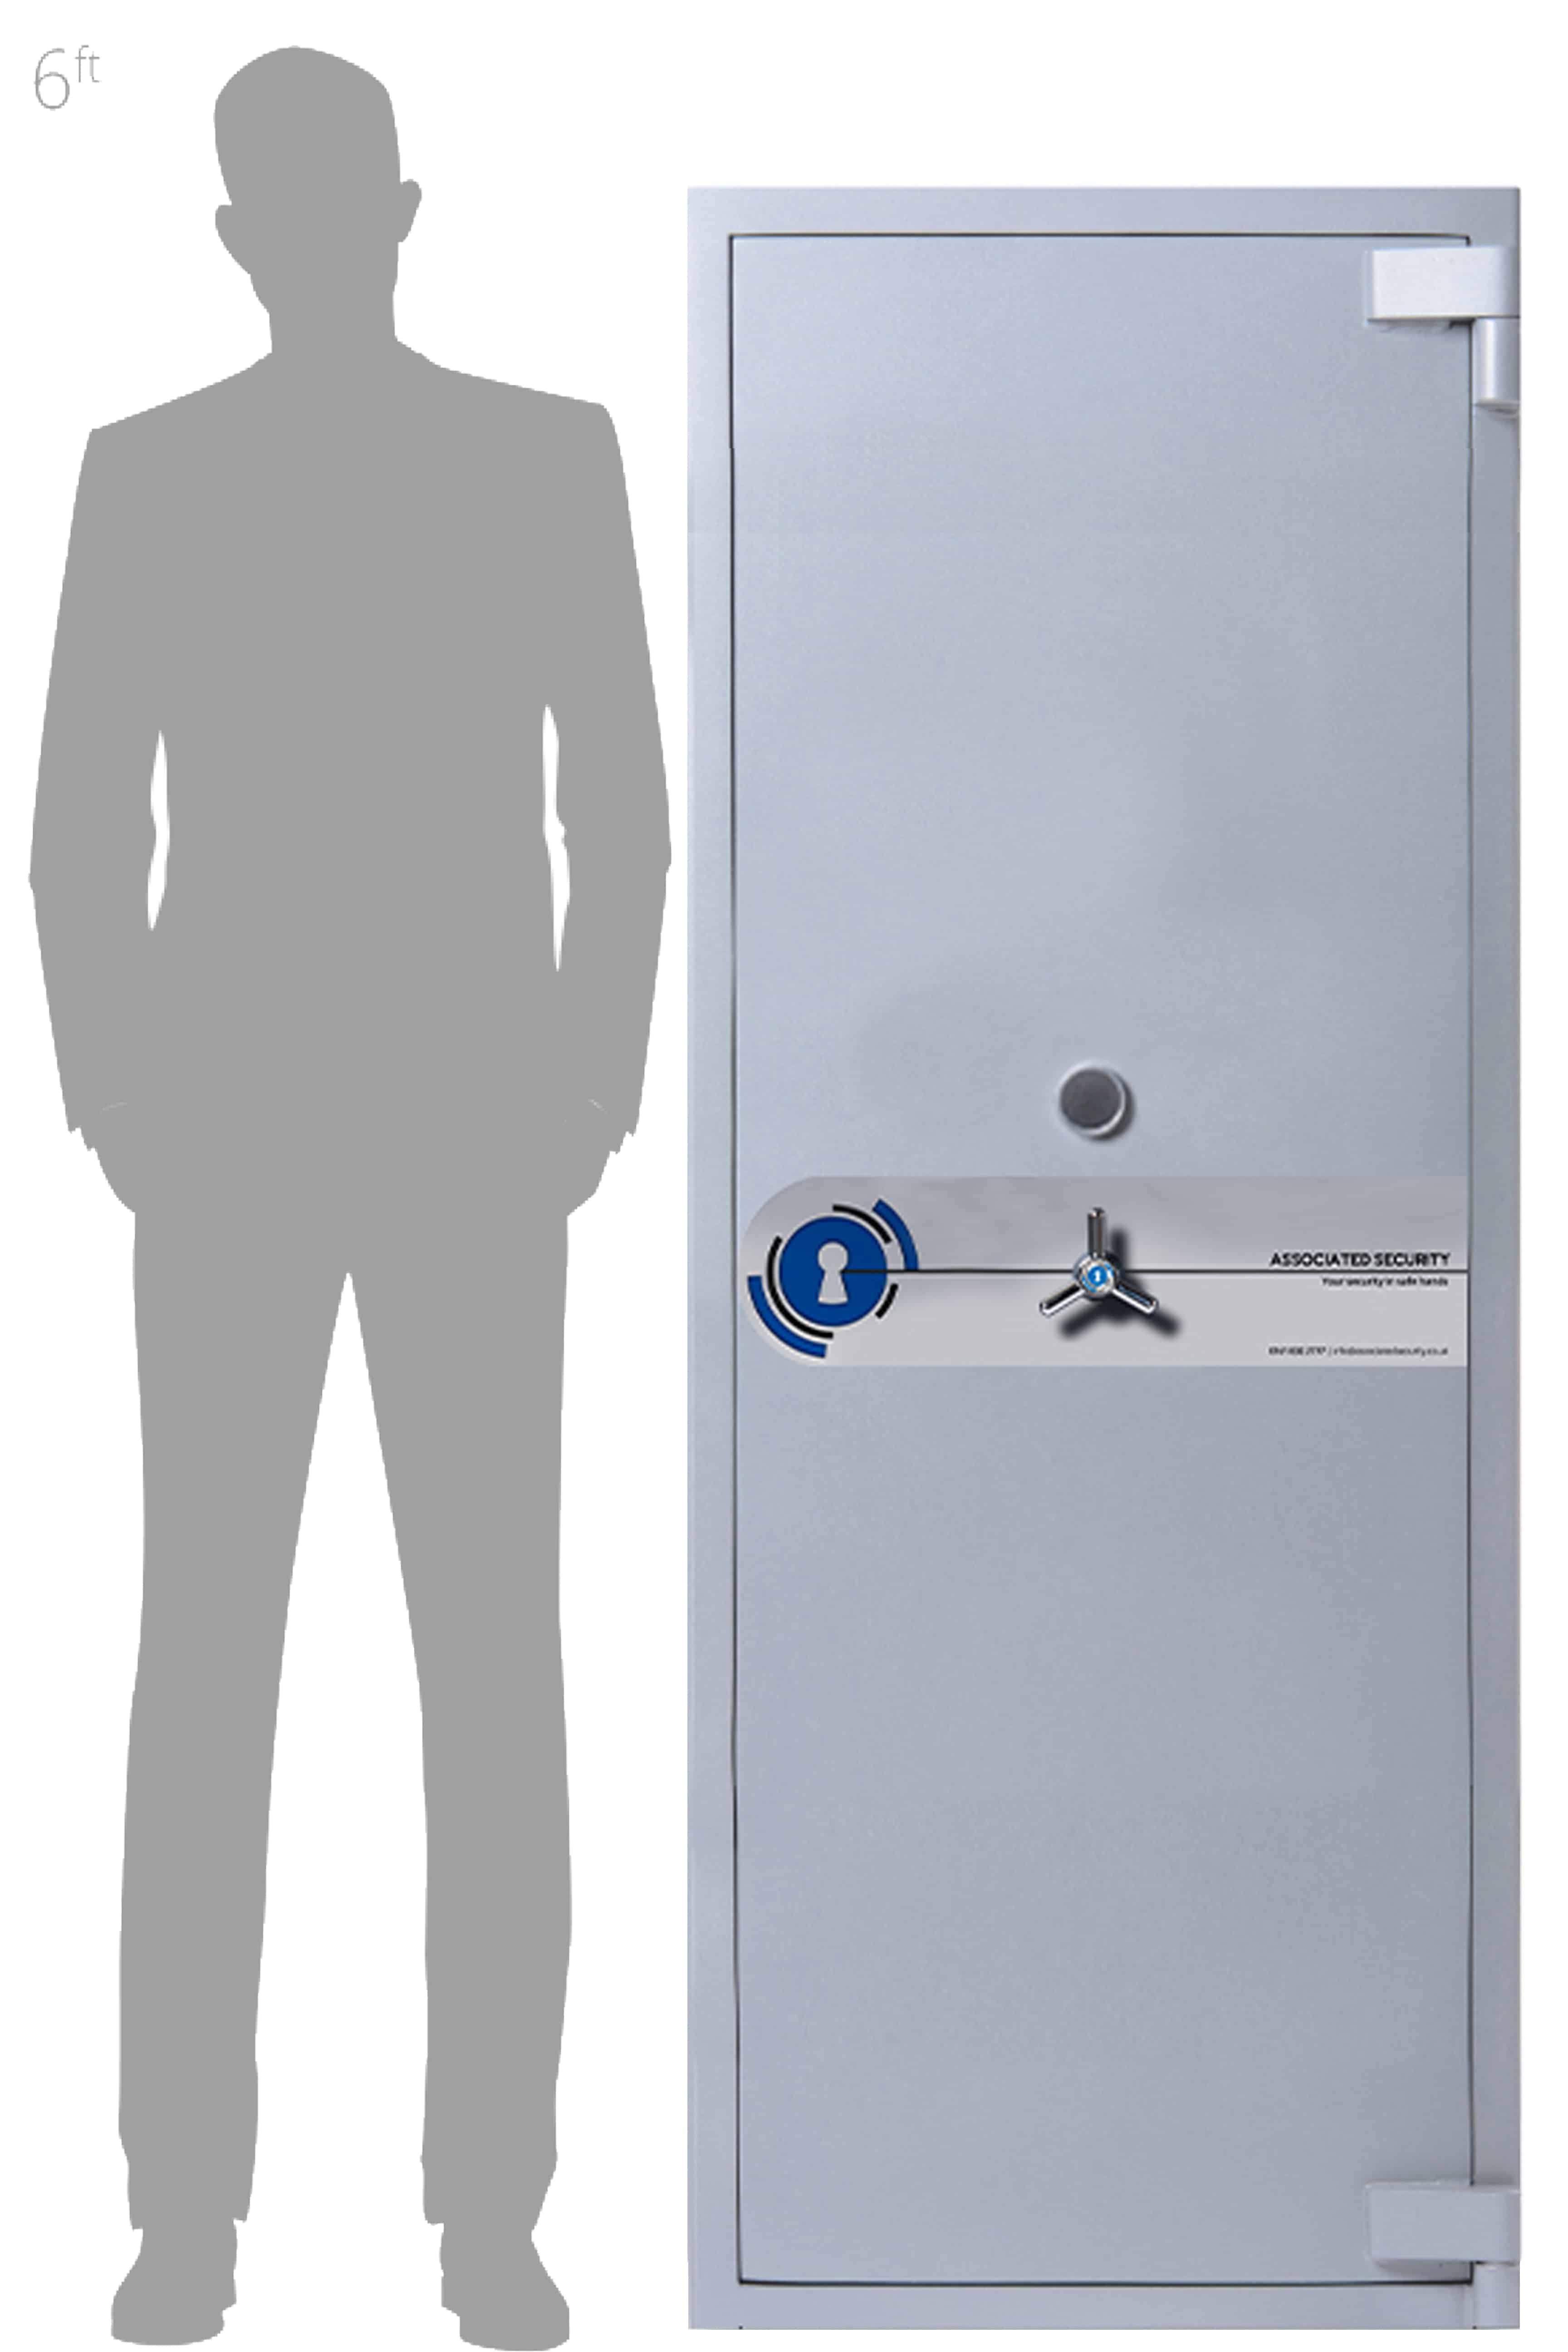 AiS-Insurance-Approved-safes-graded safes- eurograde safes - cash safes - home safes